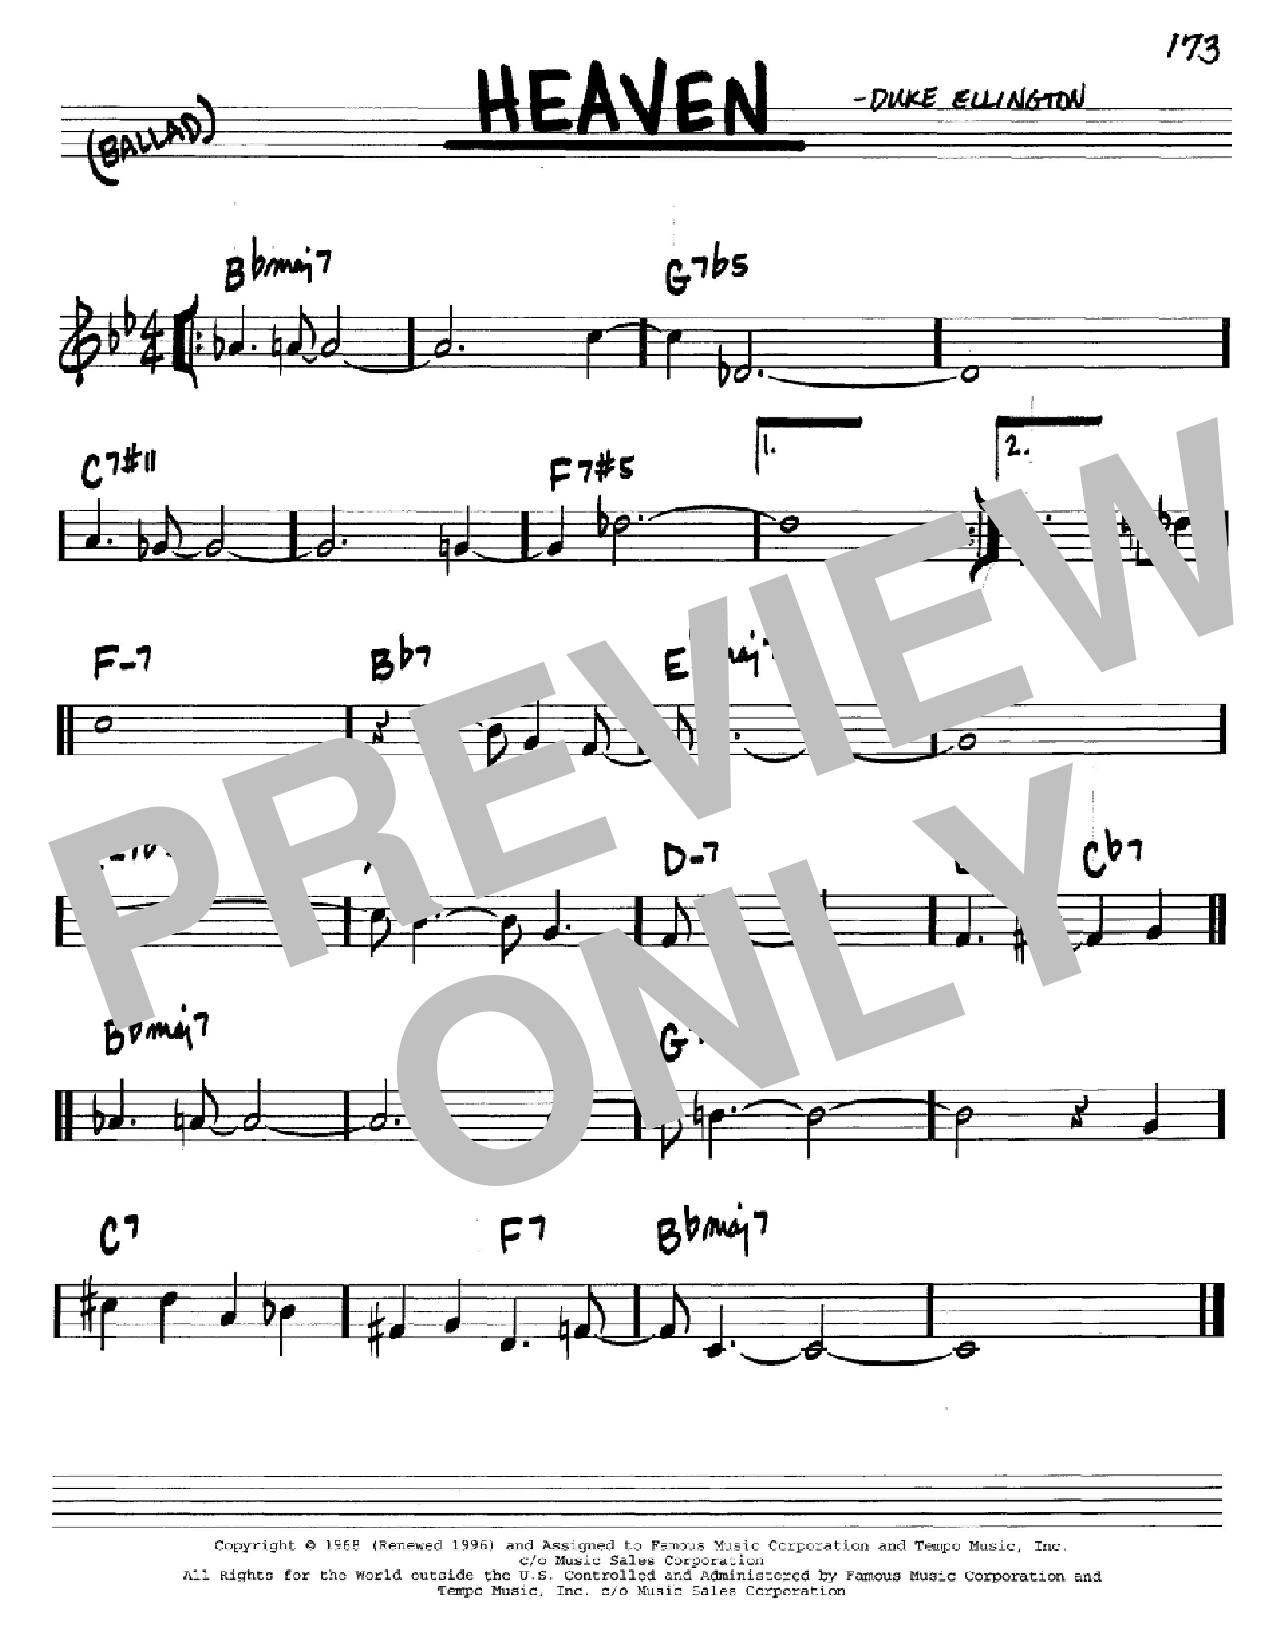 Partition autre Heaven de Duke Ellington - Real Book, Melodie et Accords, Inst. En Do